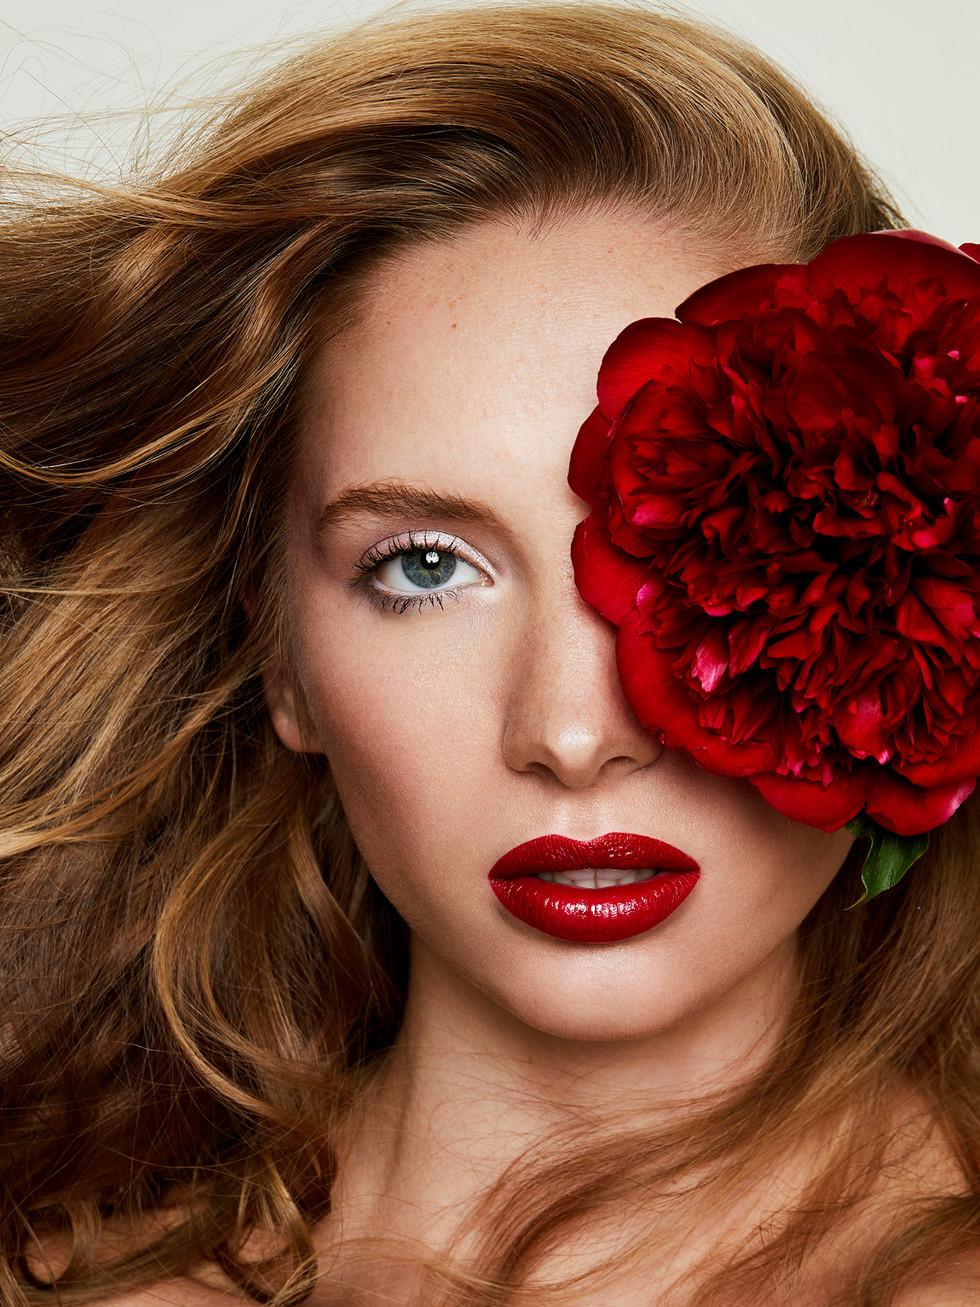 Karli_Floral-31763.jpg